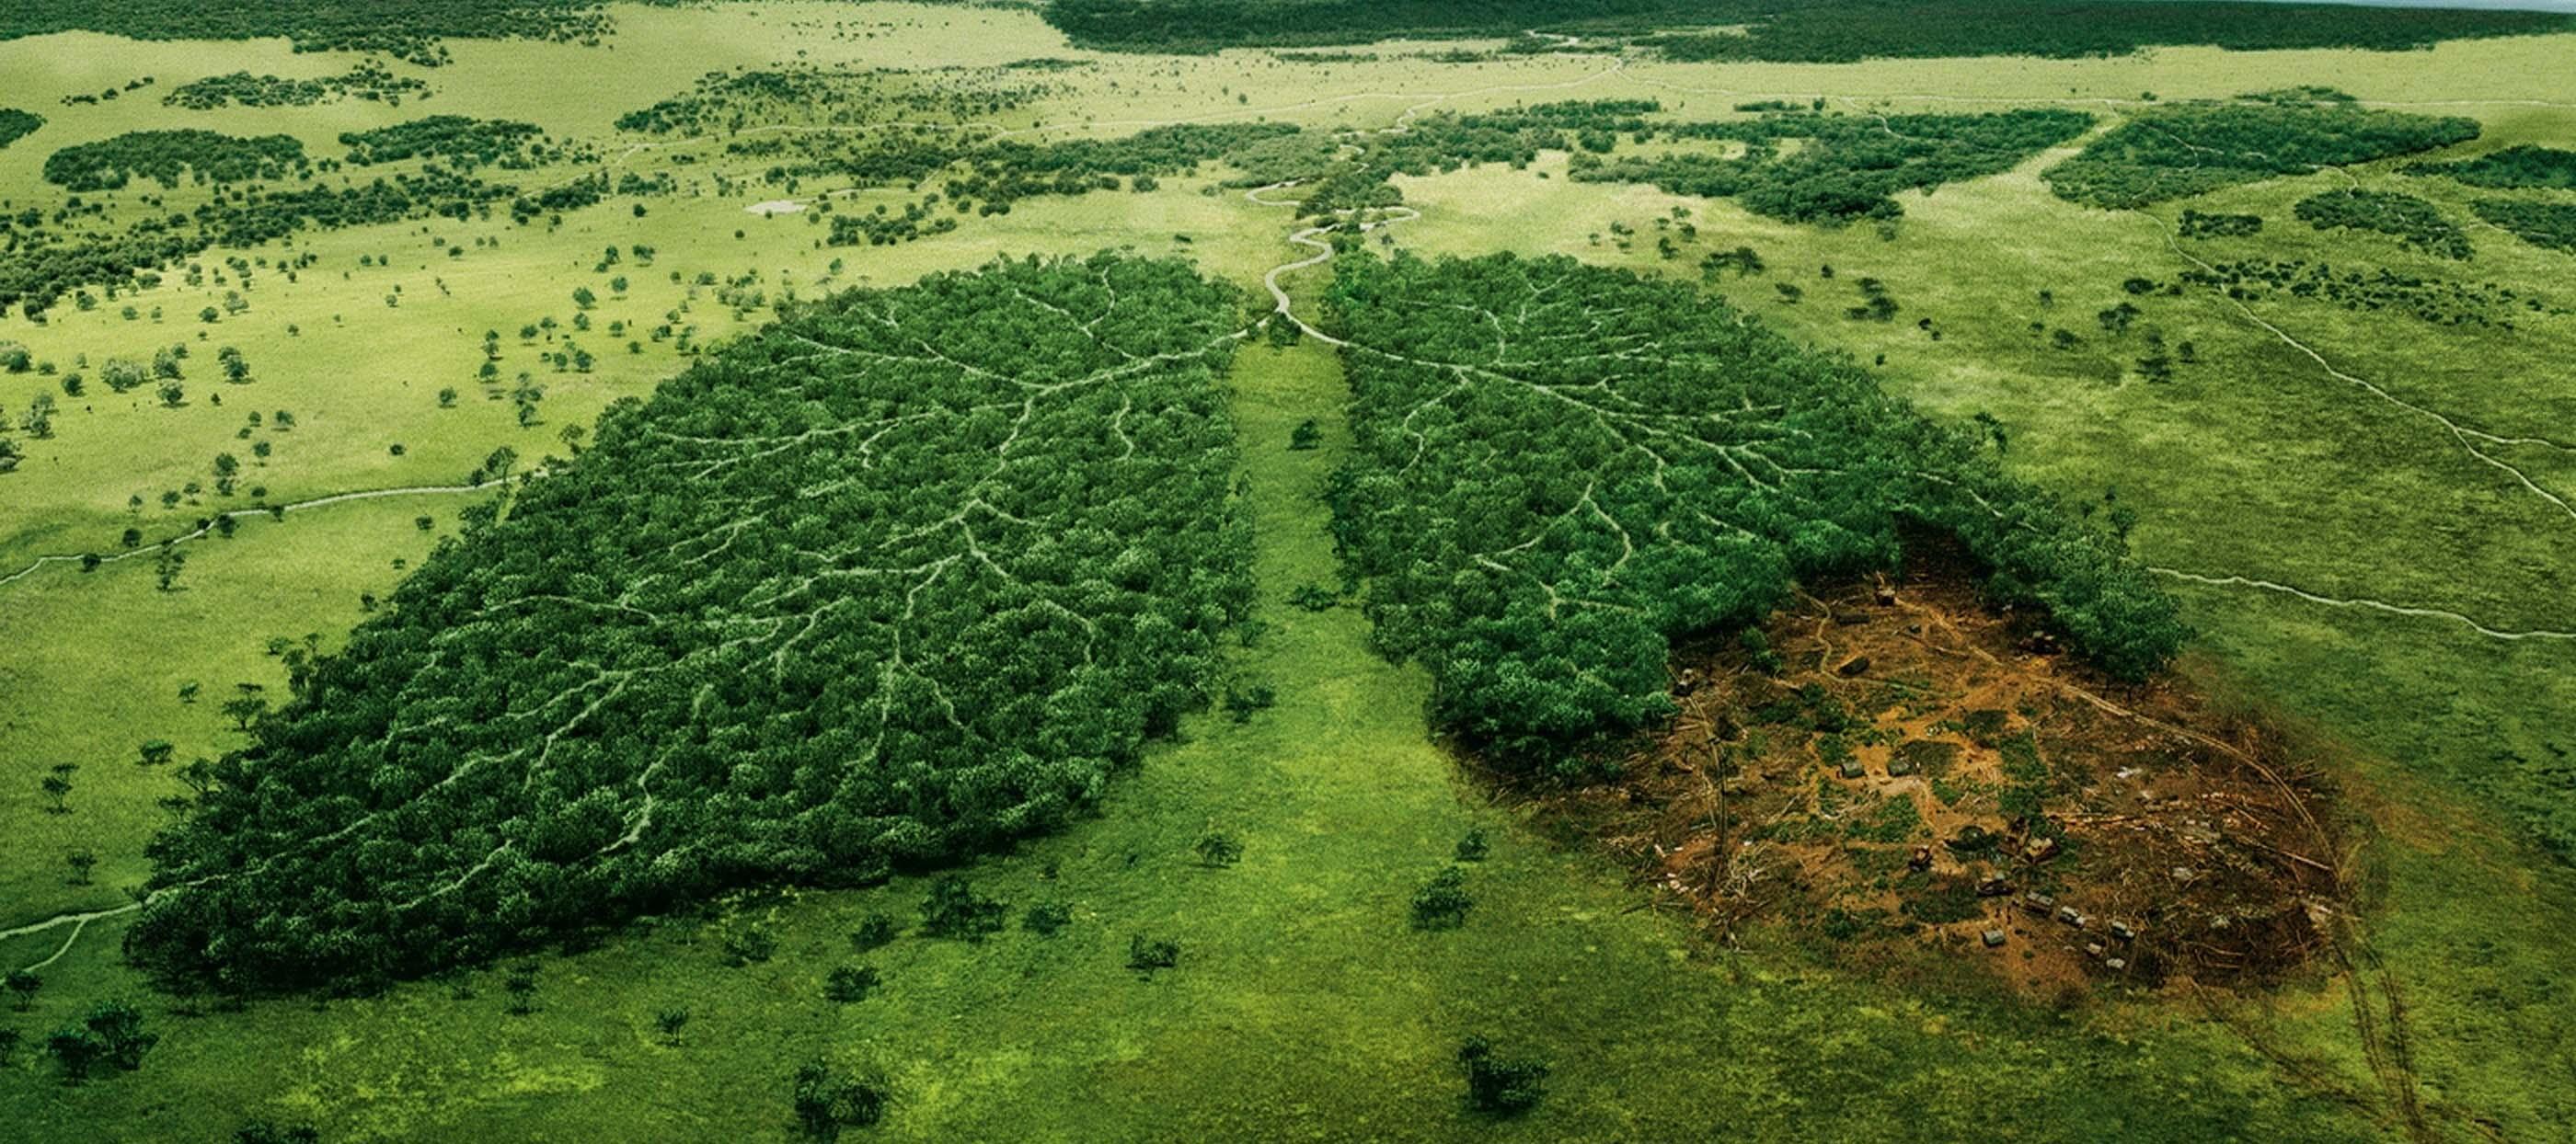 ekologichnoї_politiki_v_ukraїni_nema_1.jpg